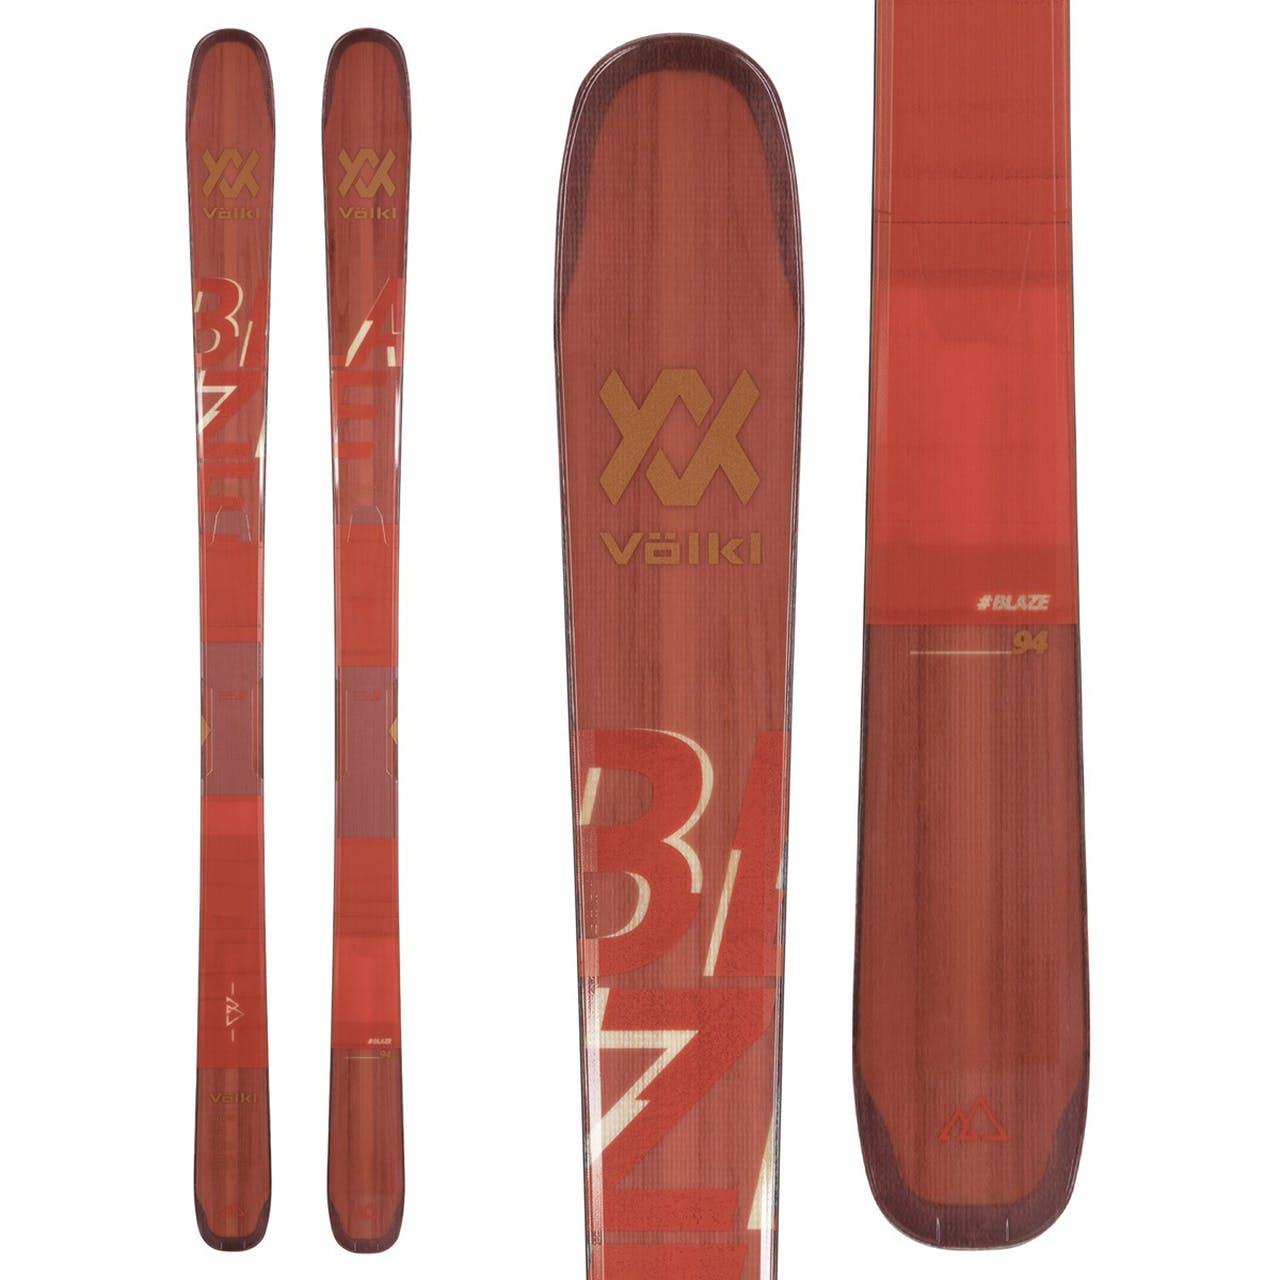 Völkl Blaze 94 Skis · 2021 · 186 cm